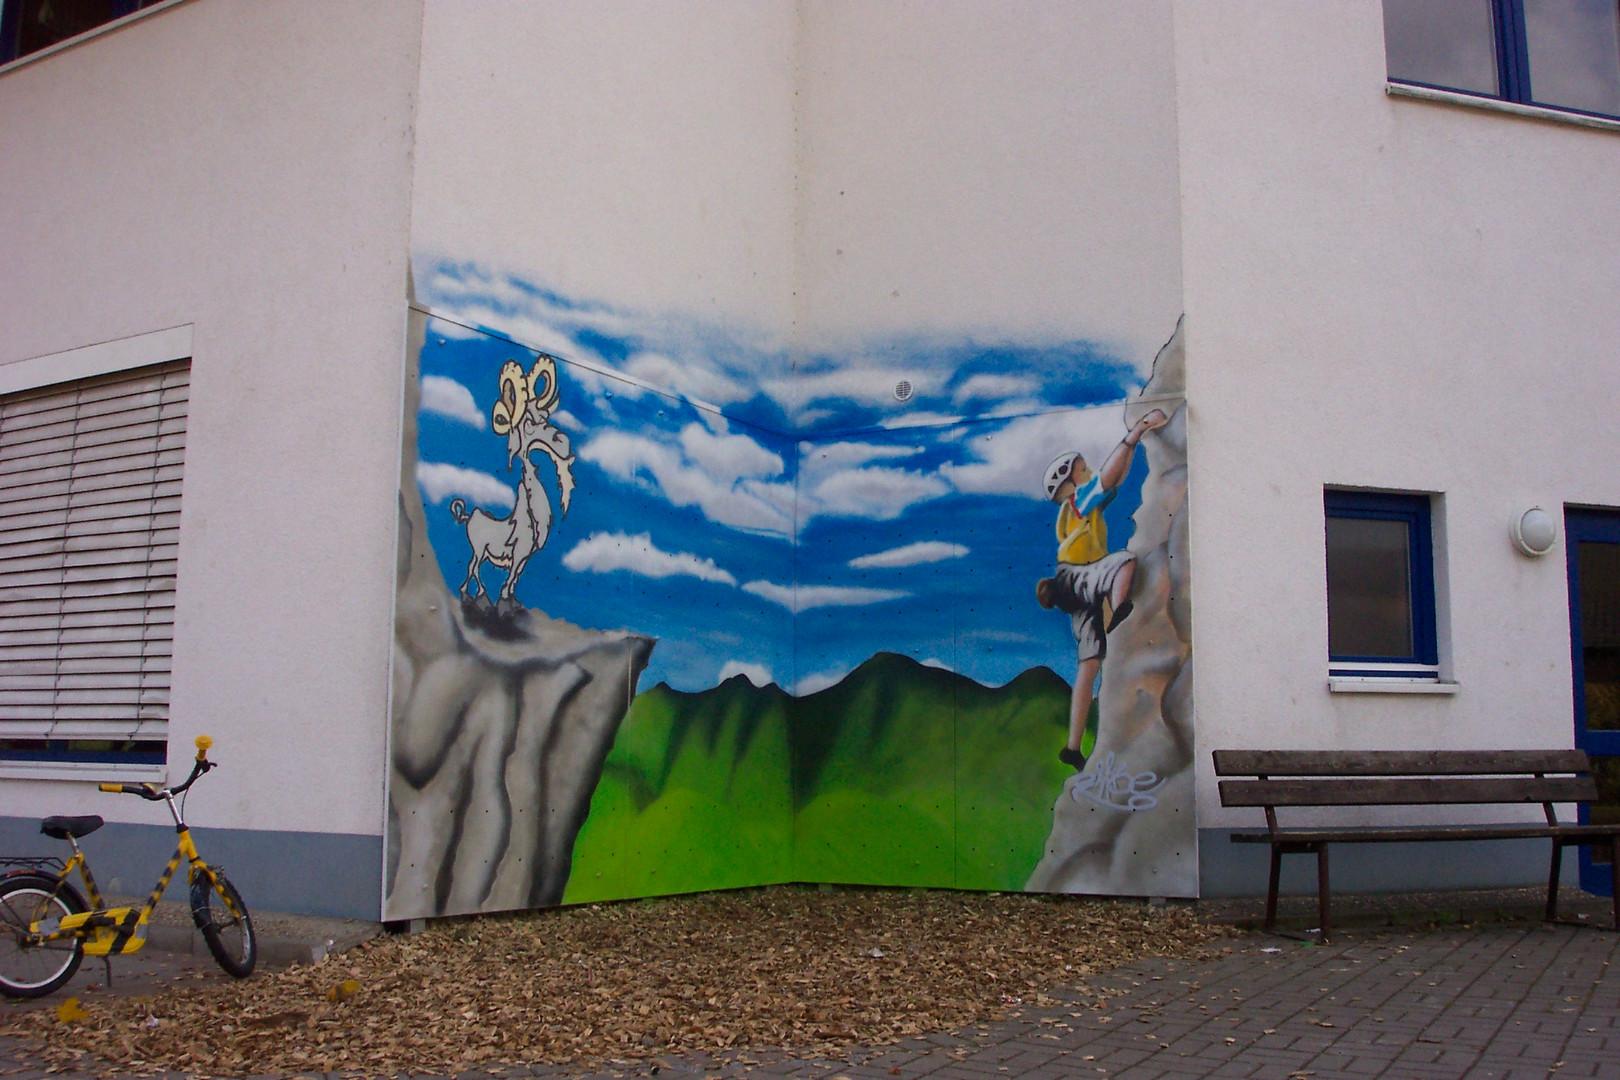 Kletterwand Altenburgschule Biebergemünd-Kassel